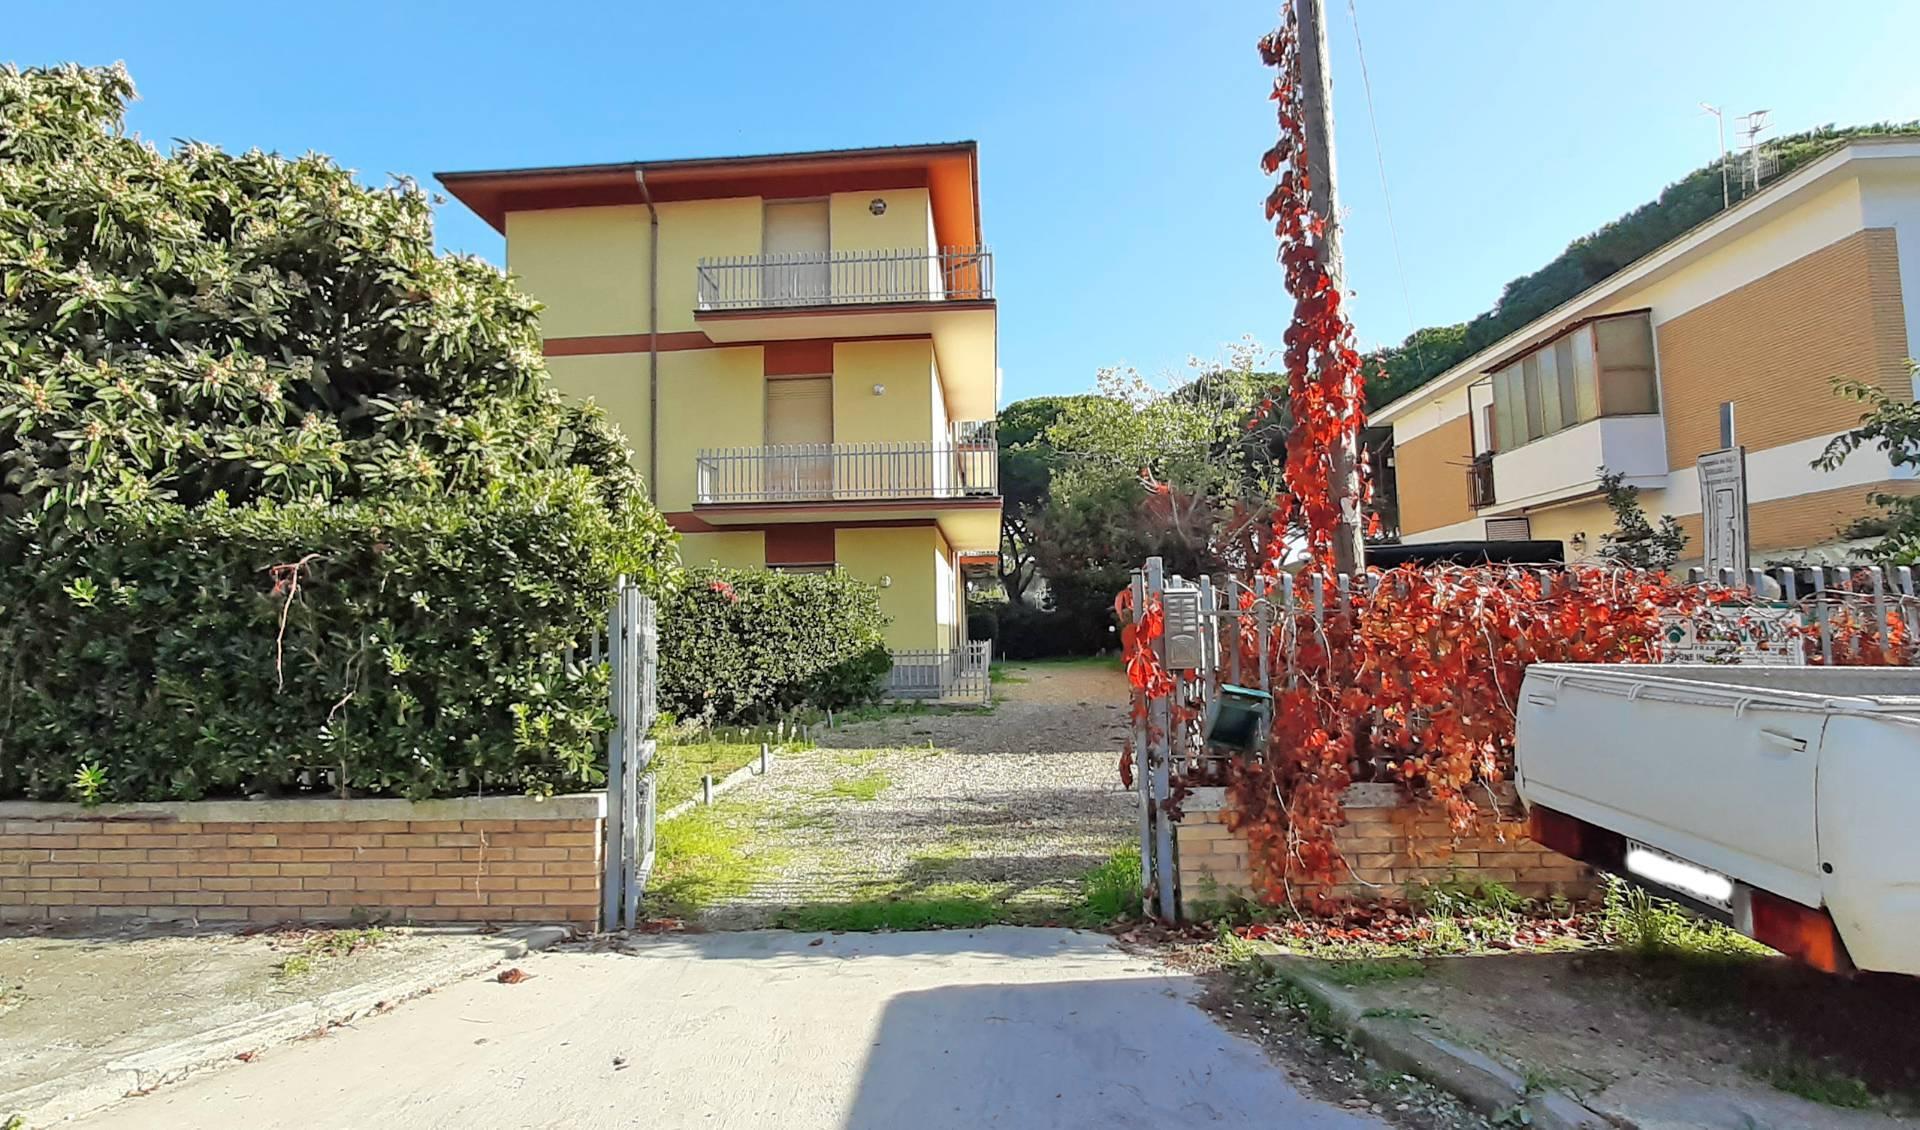 Appartamento in vendita a Tarquinia, 3 locali, zona Località: LidodiTarquinia, prezzo € 117.000 | CambioCasa.it